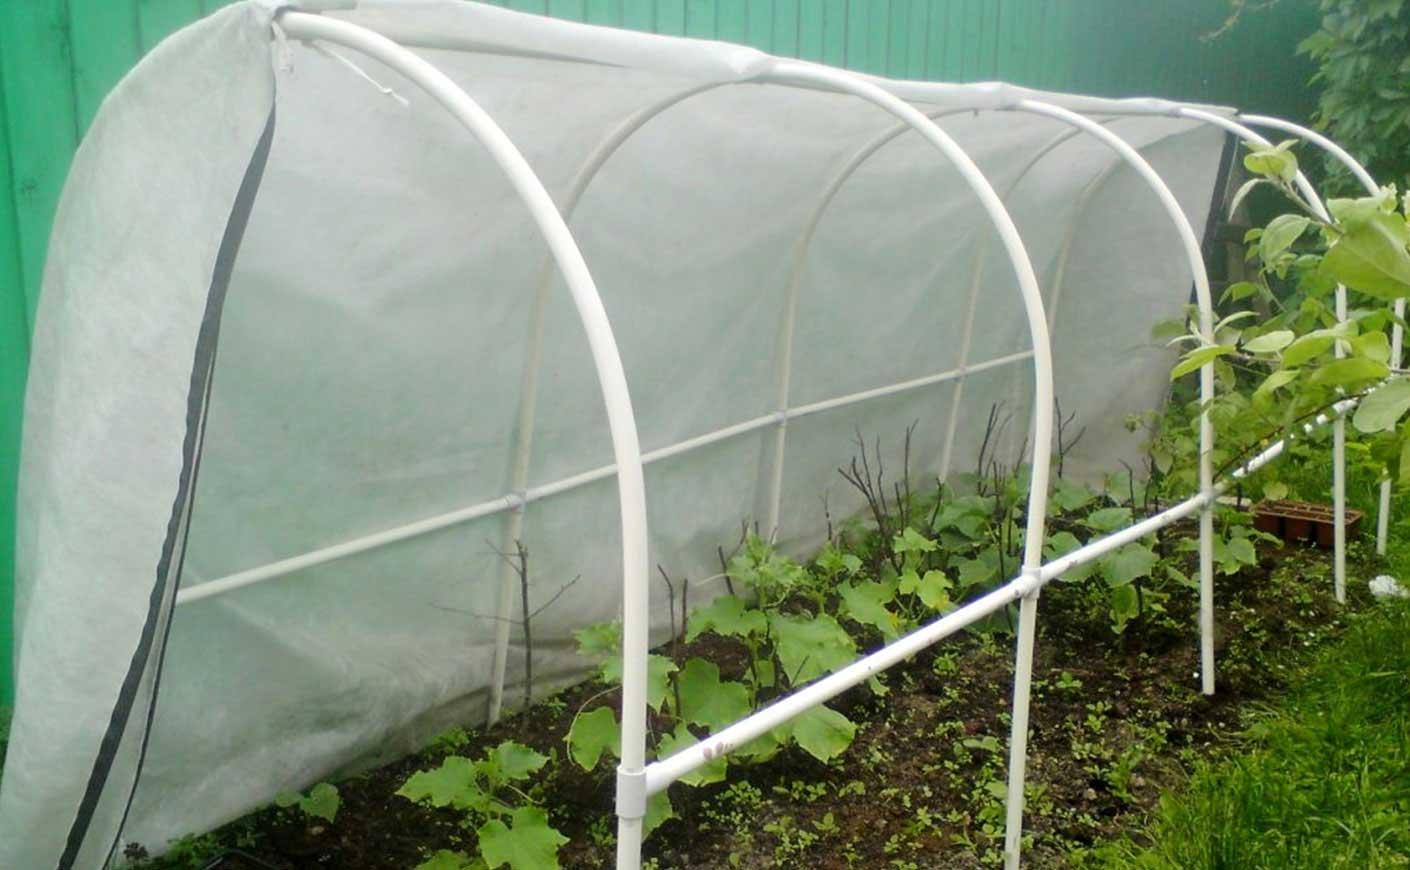 Каркас из пвх подходит для выращивания огурцов, но микроклимат в парнике придется поддерживать самостоятельно